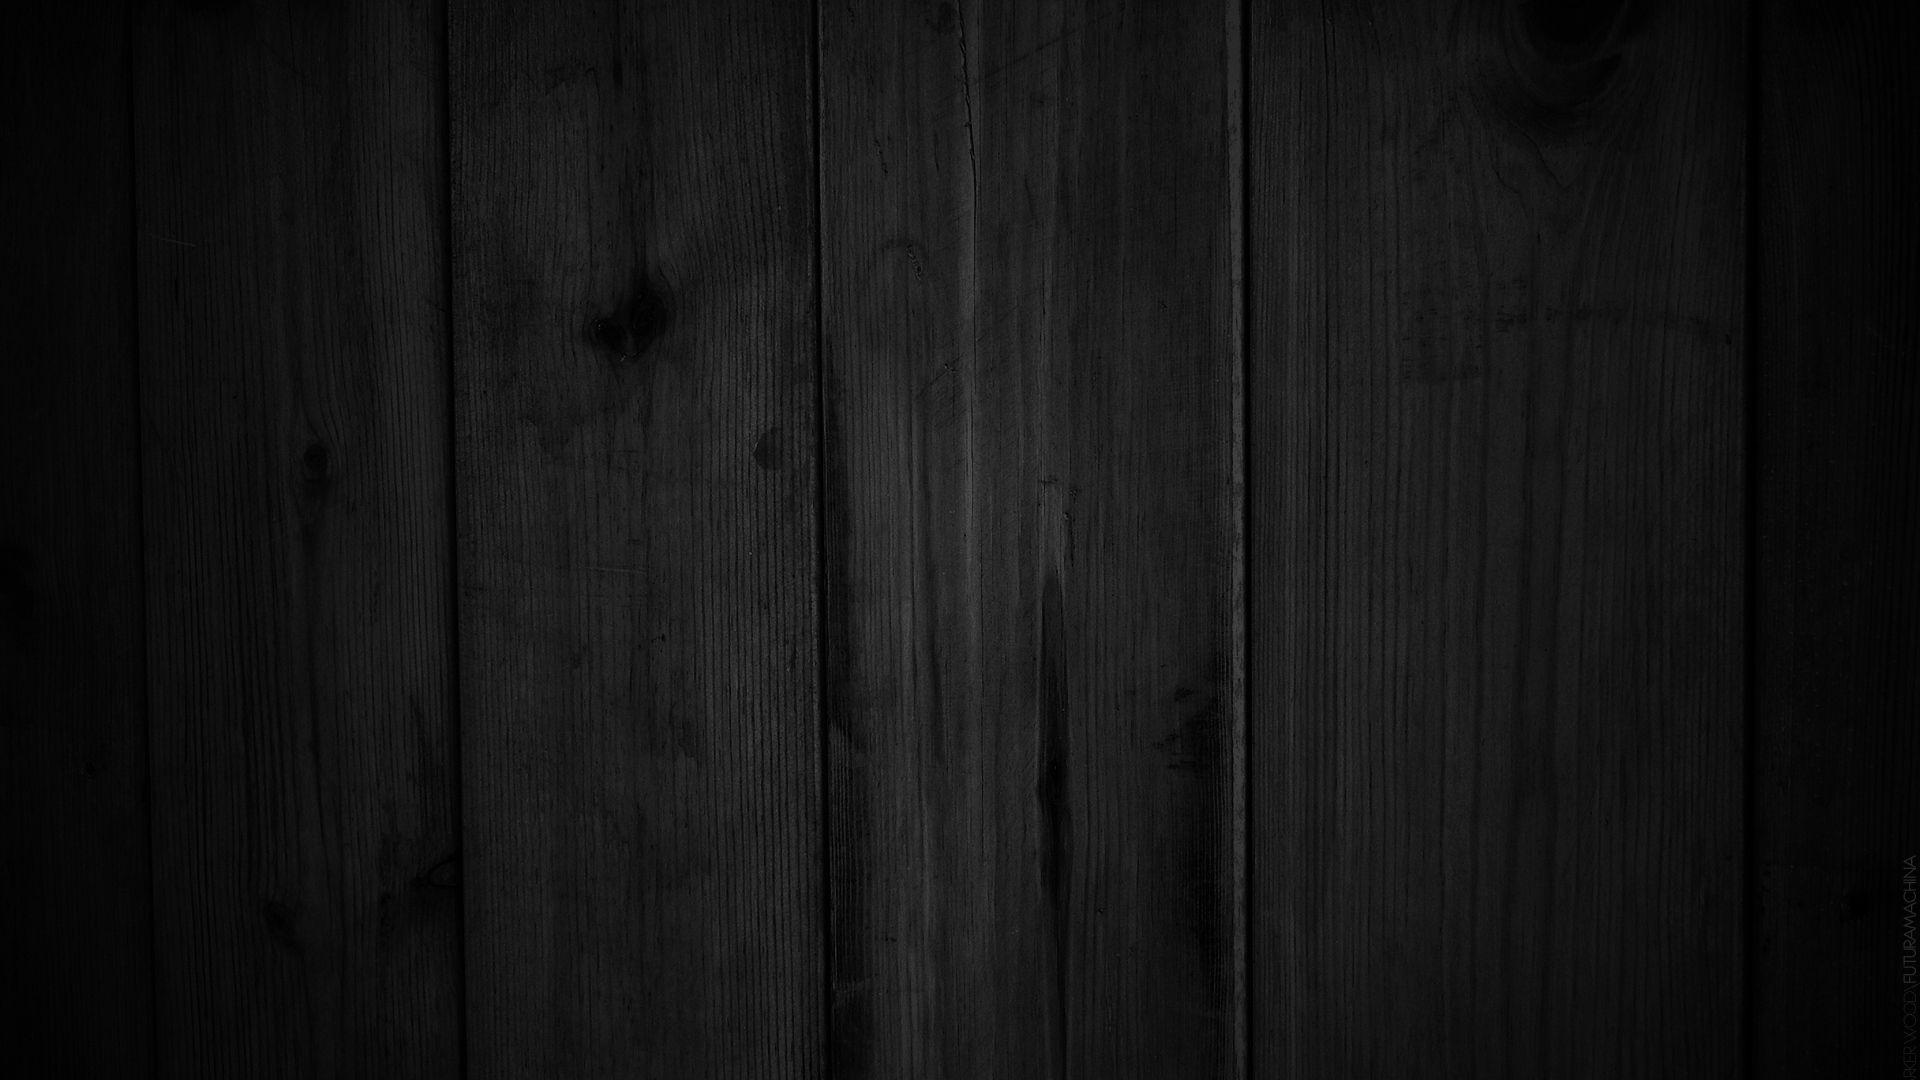 wood_dark_background_texture_55321_1920x1080.jpg (1920×1080)